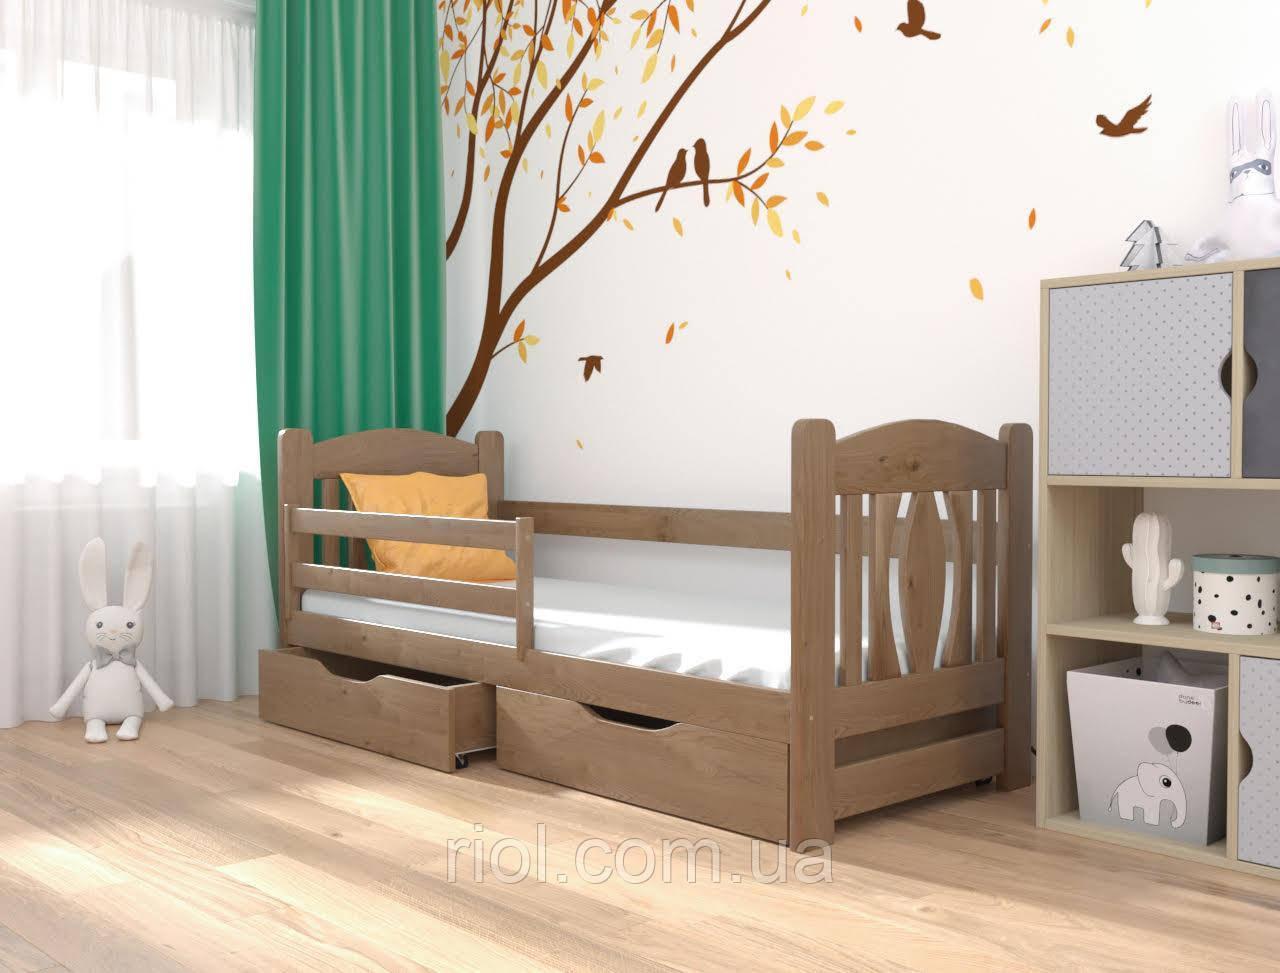 Дитяче підліткове ліжко Оскар